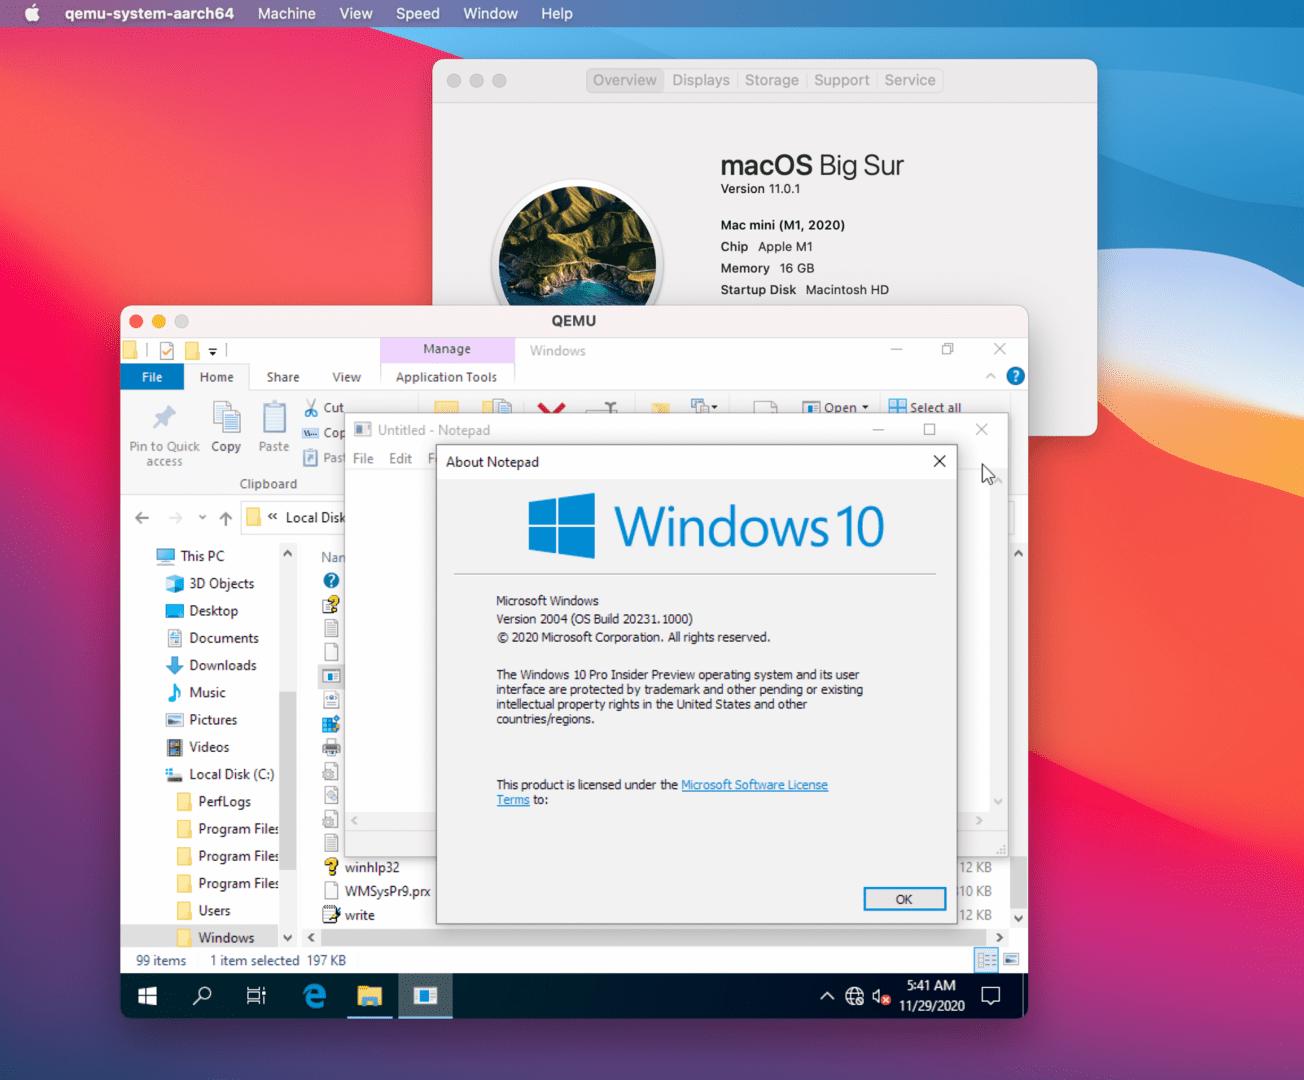 Windows 10 läuft auf einem M1-Prozessor unter macOS 11 Big Sur